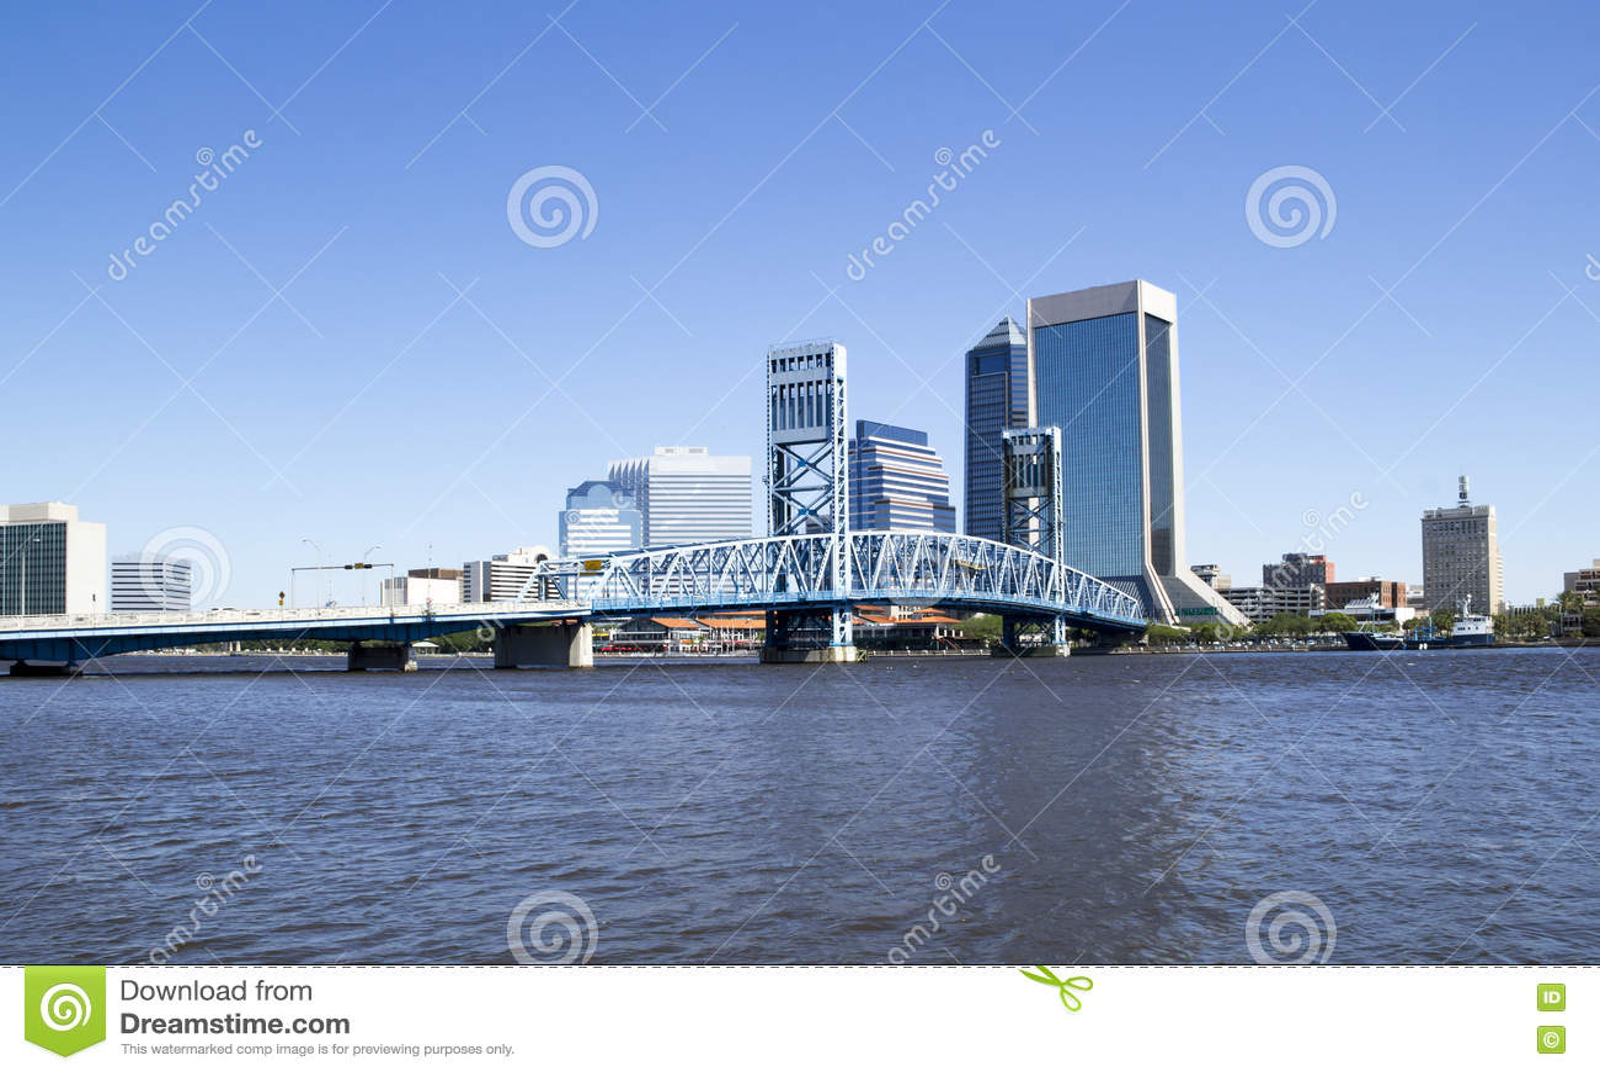 Ιστορική γέφυρα που οδηγεί στο στο κέντρο της πόλης Τζάκσονβιλ Φλώριδα